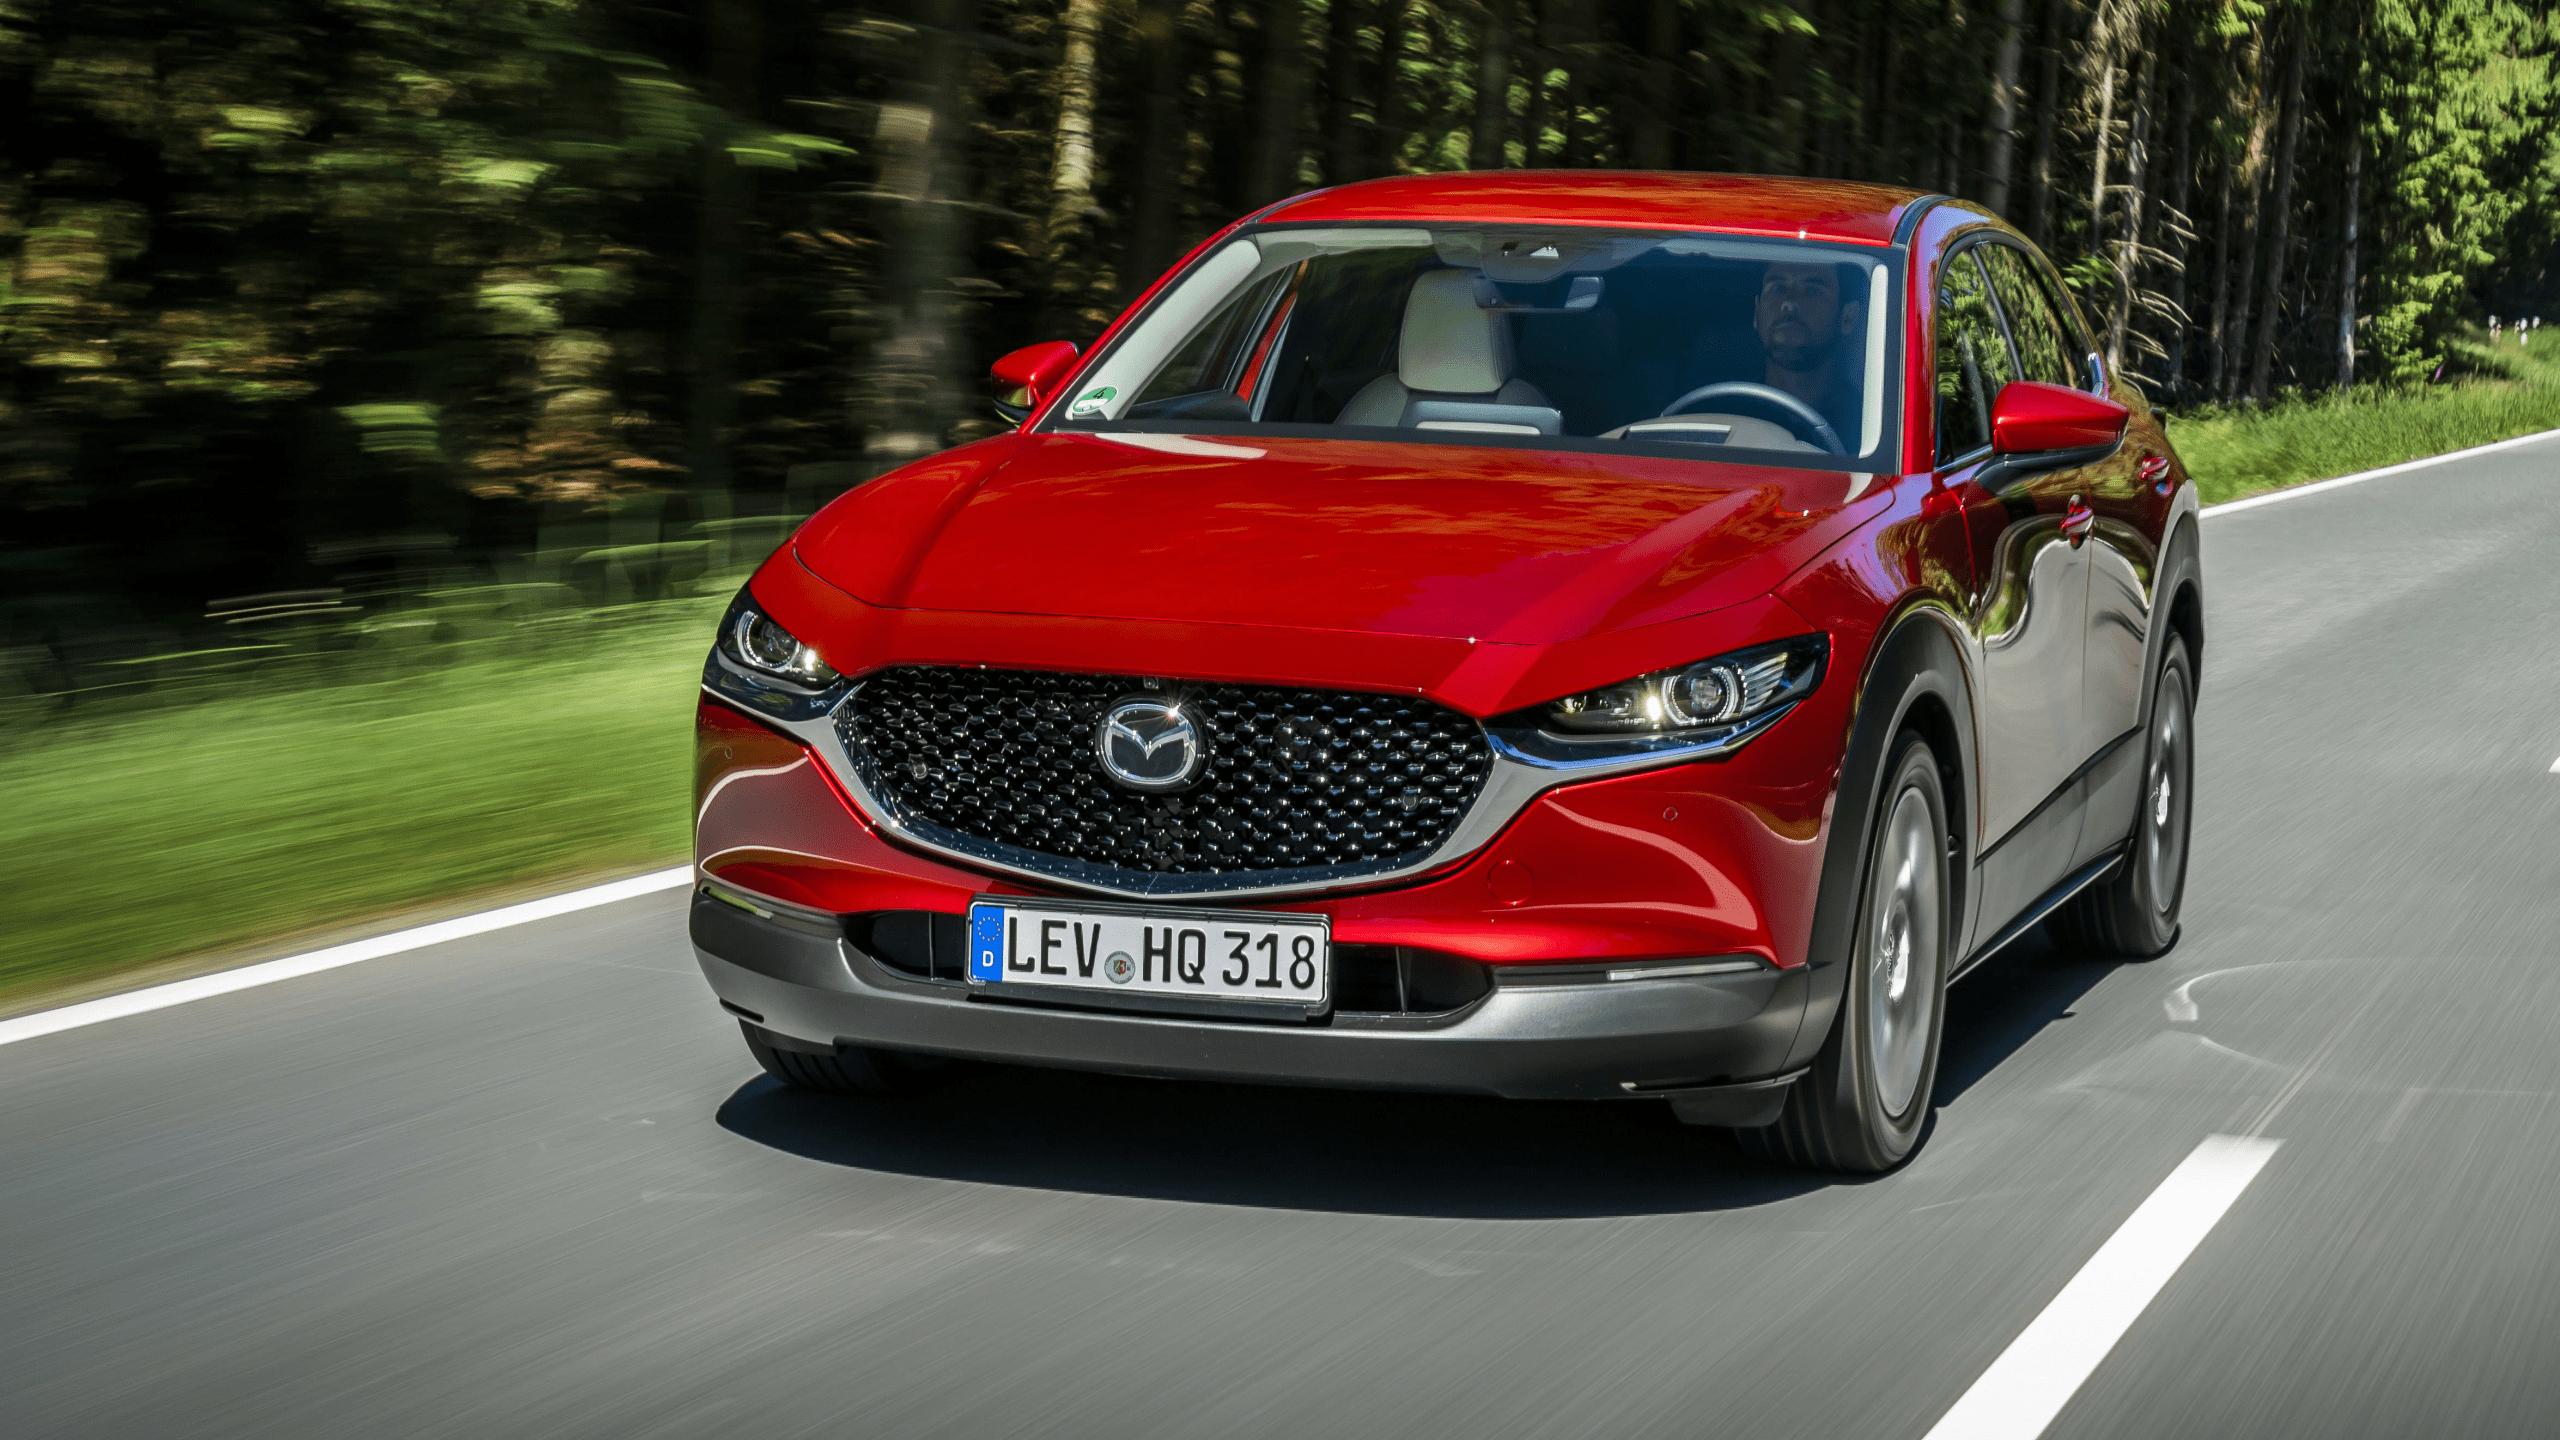 2020 Mazda Cx 9 Rumors Engine In 2020 Mazda Cx 9 Mazda Good Looking Cars